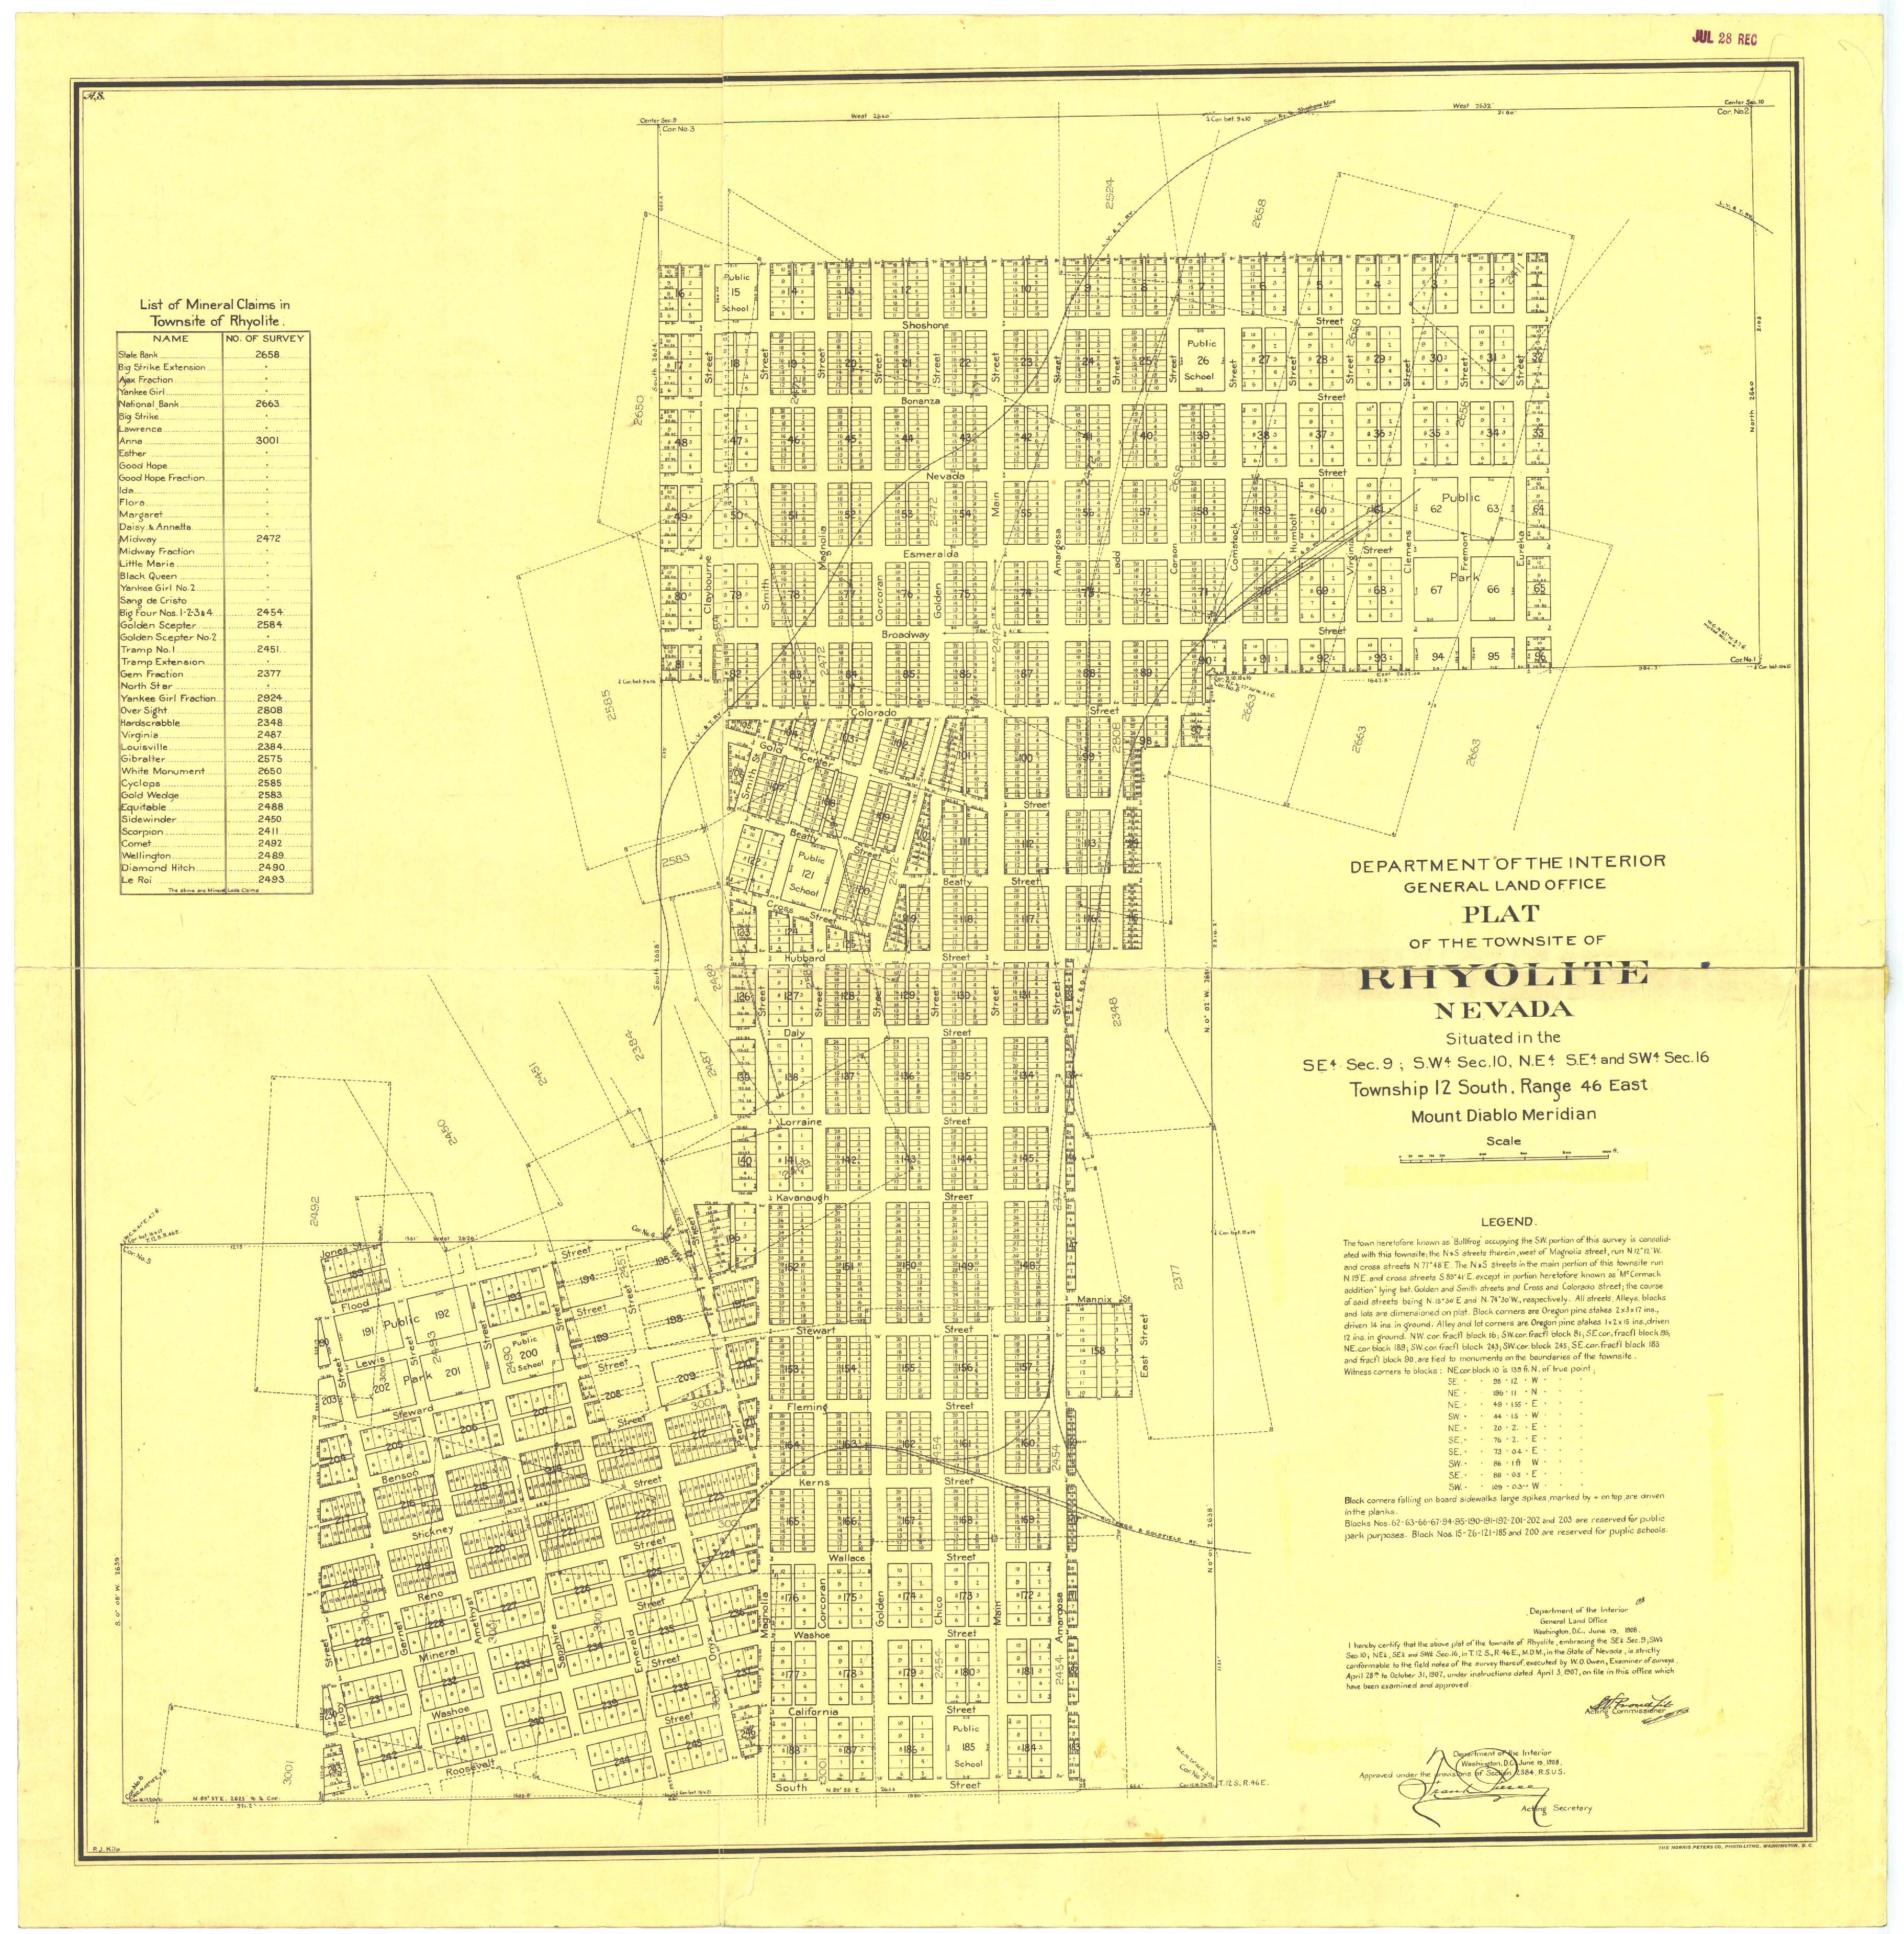 Rhyolite Nevada Map File:Rhyolite.nv.usa.townsiteplat.1908.png   Wikimedia Commons